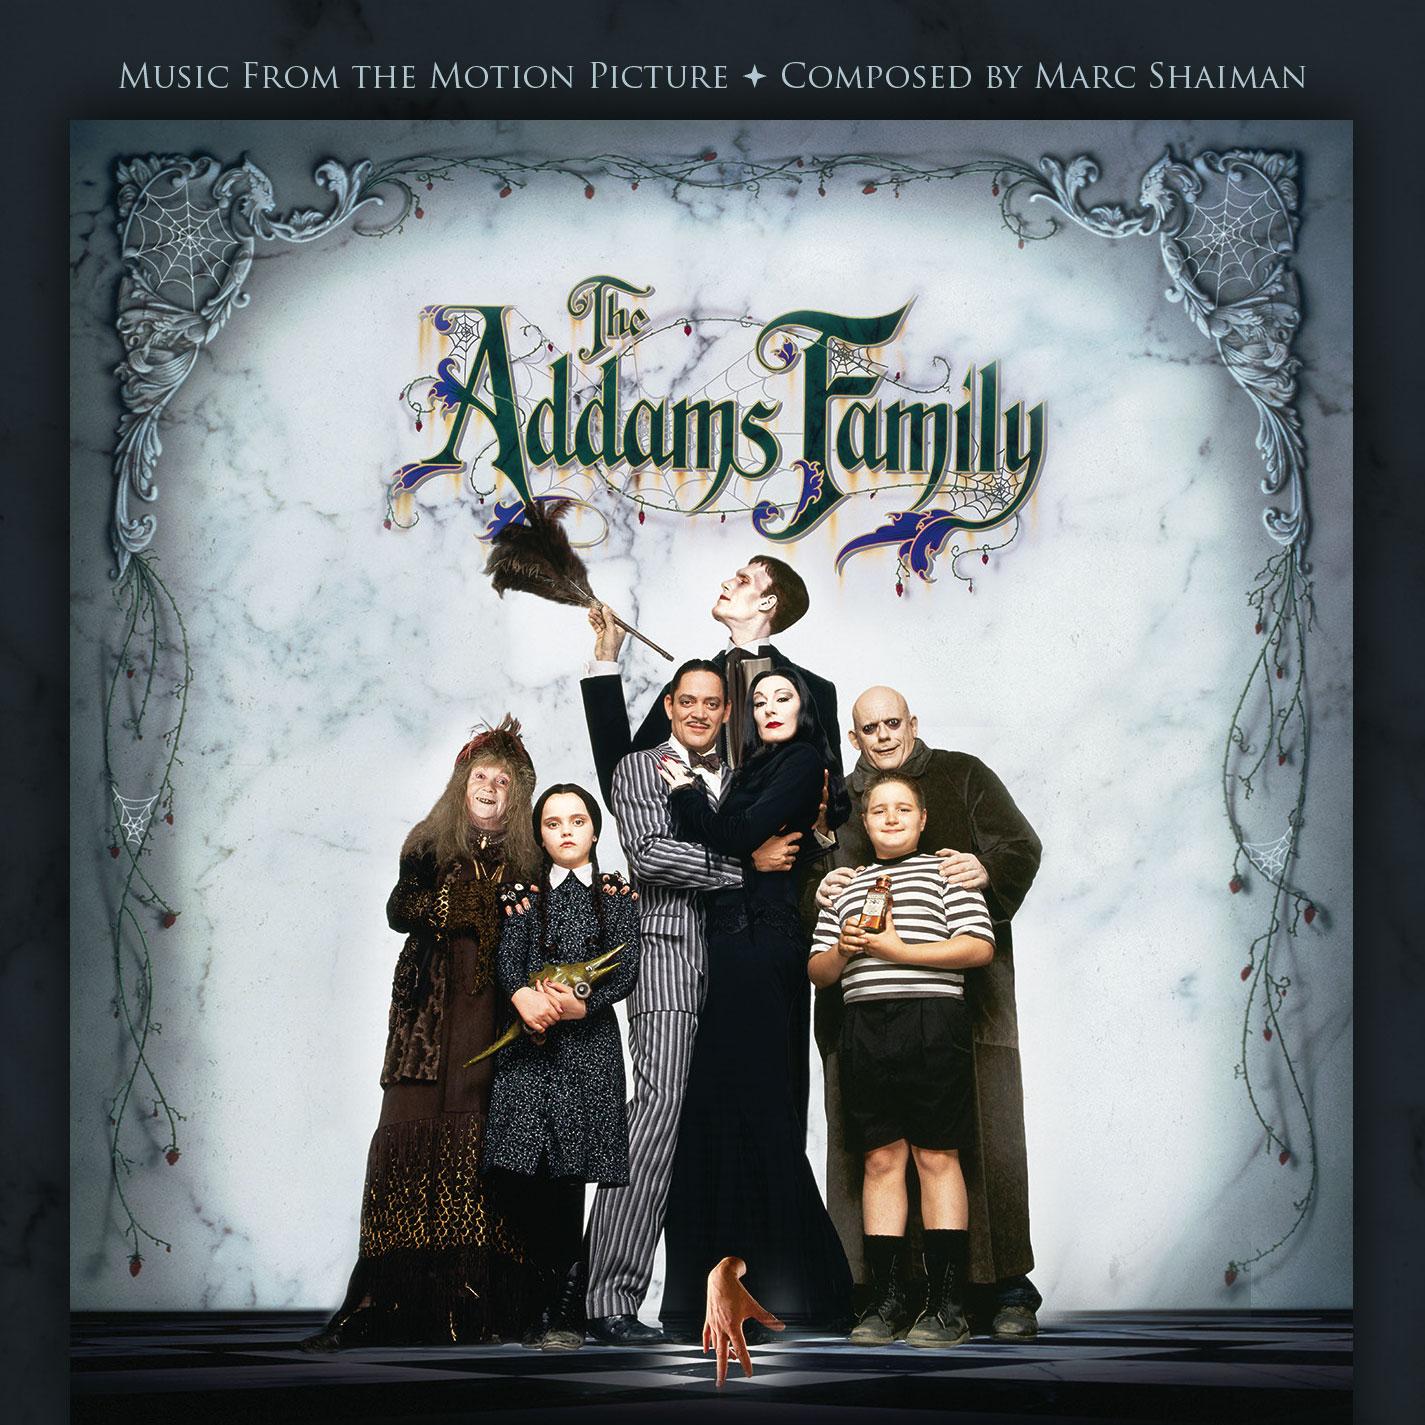 The Addams Family, de Marc Shaiman, en La-La Land Records